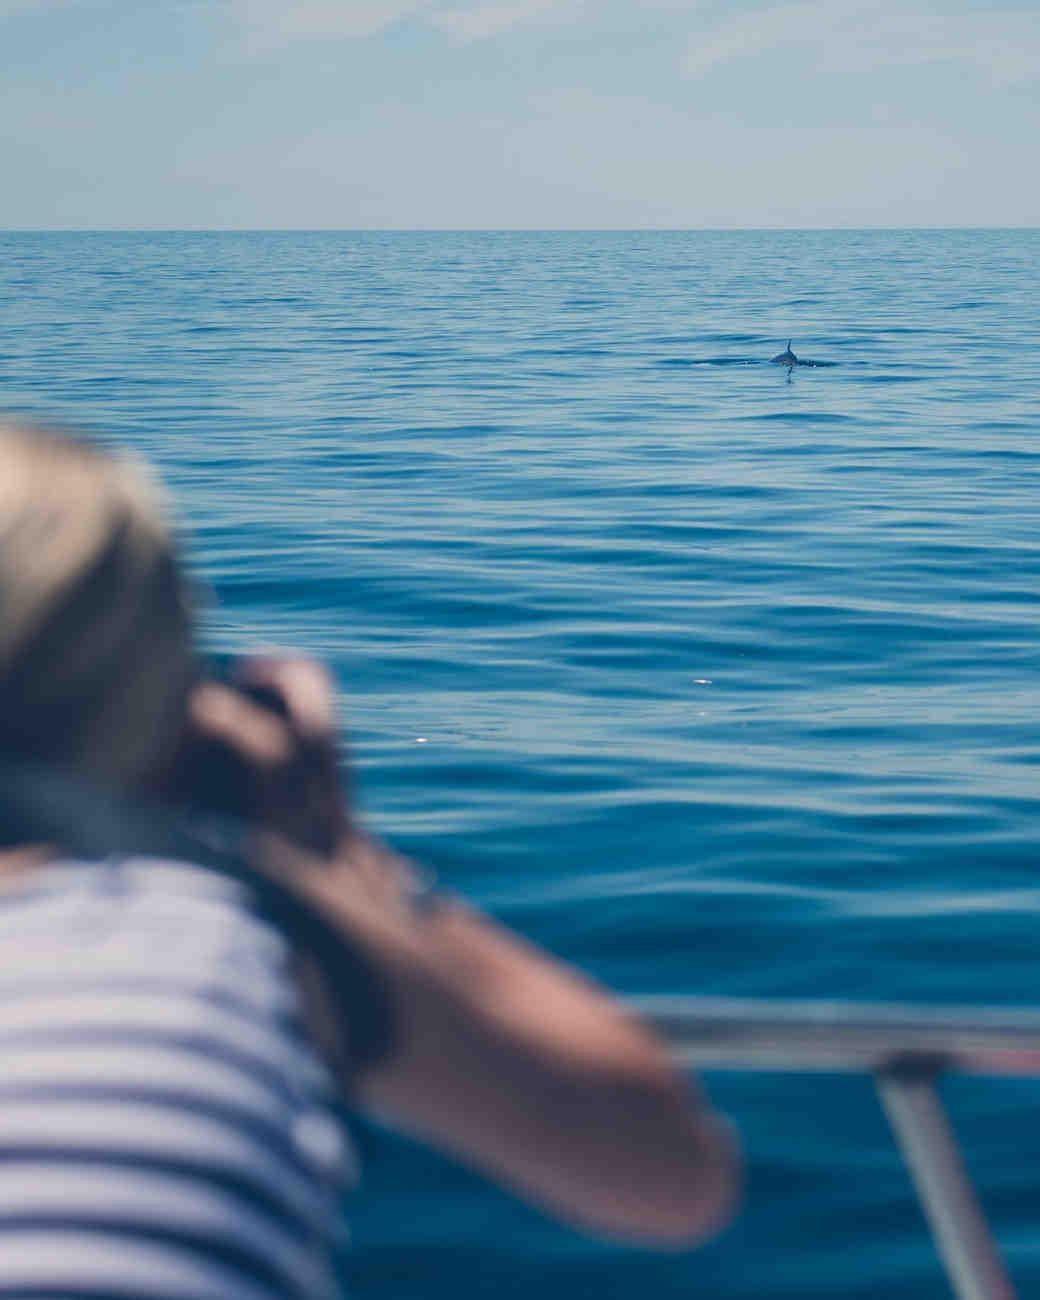 vanessa-lauren-whale-watch-10-s112087-0415.jpg